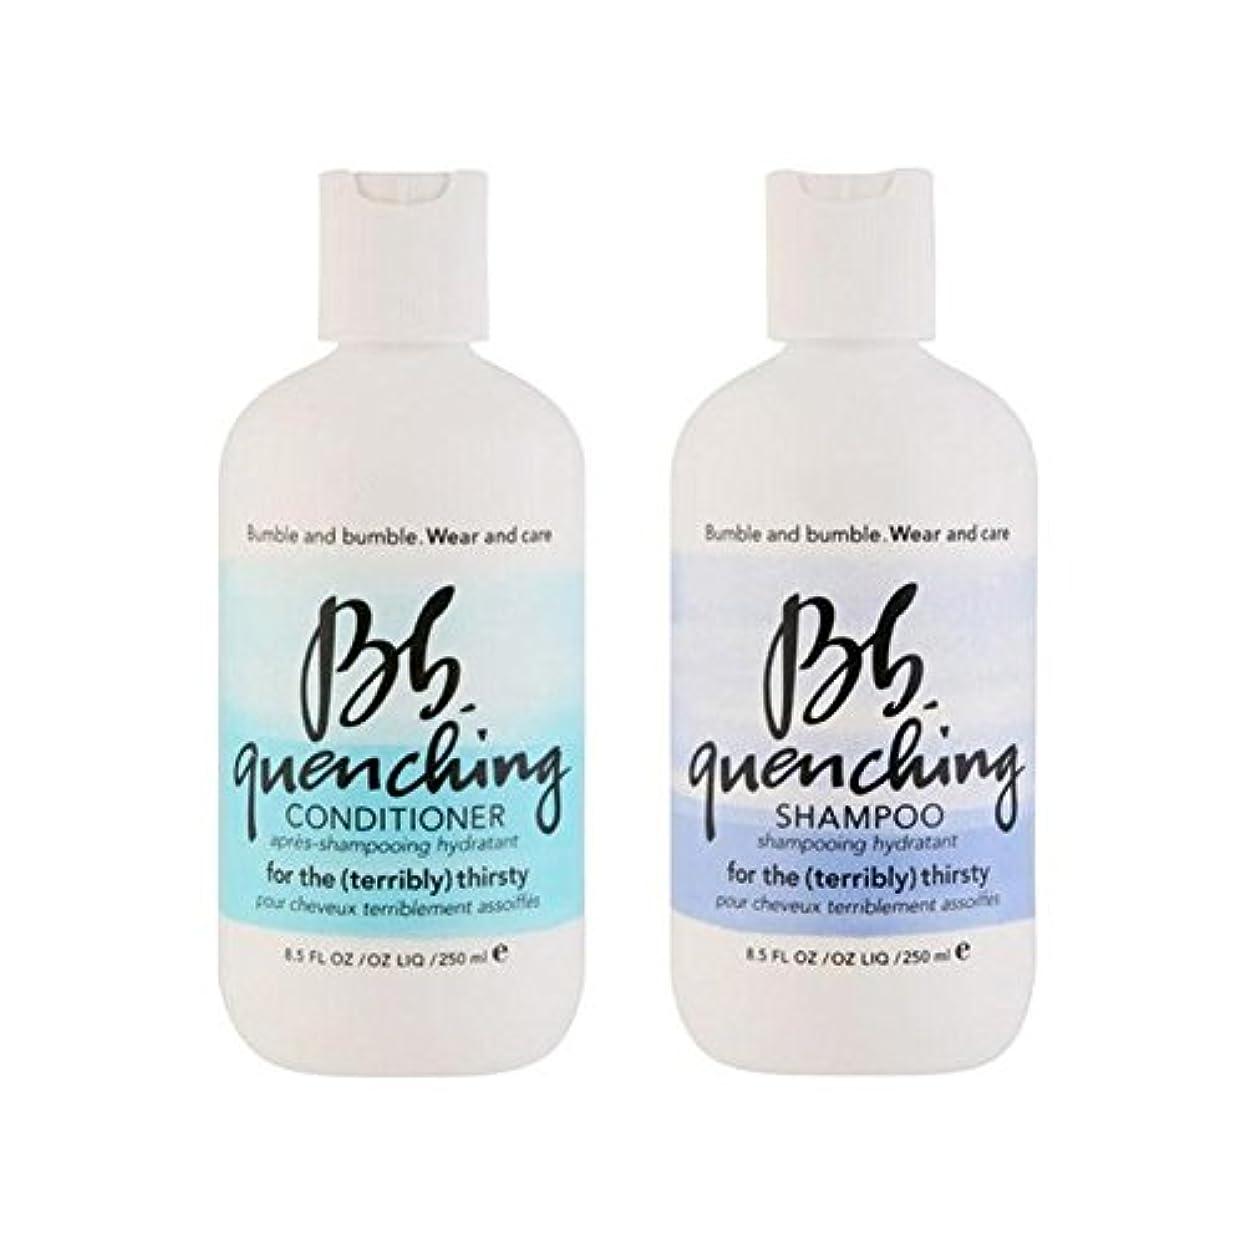 救援編集者等価Bumble & Bumble Wear And Care Quenching Duo - Shampoo And Conditioner - シャンプーとコンディショナー - デュオを急冷着用し、世話 [並行輸入品]